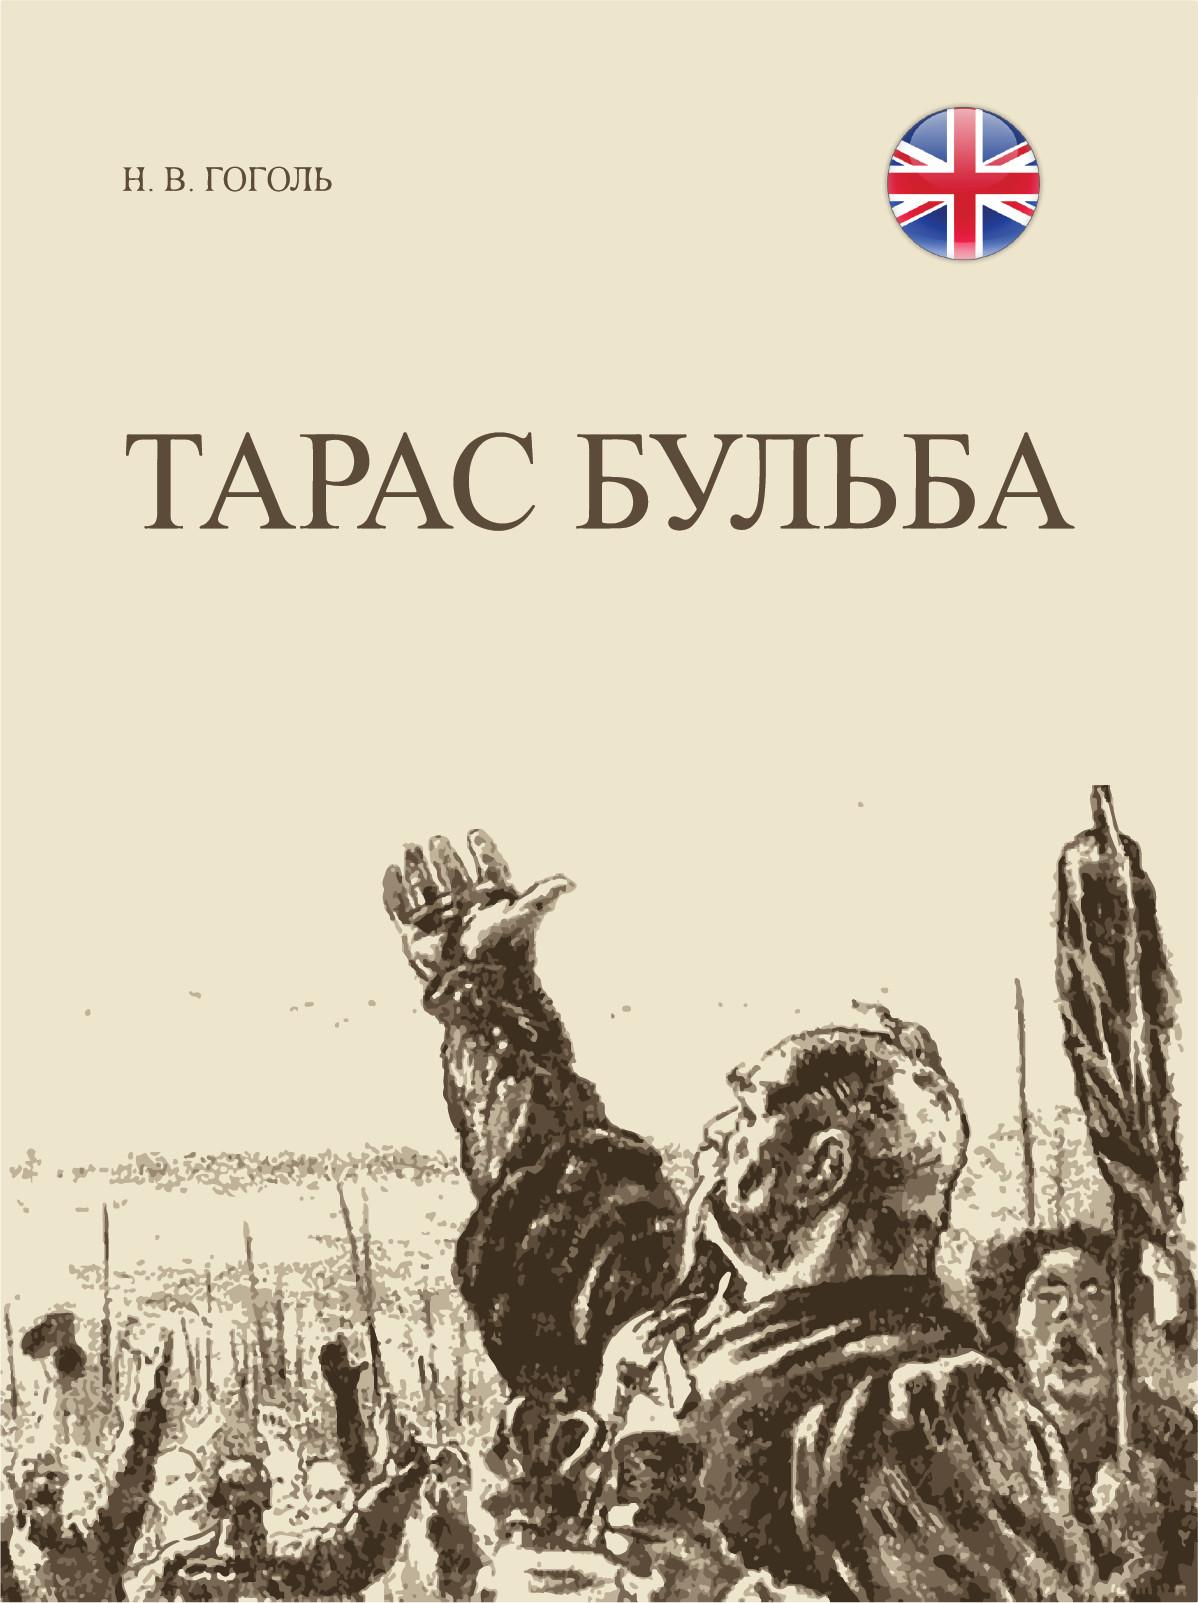 ТАРАС БУЛЬБА (АНГЛИ)